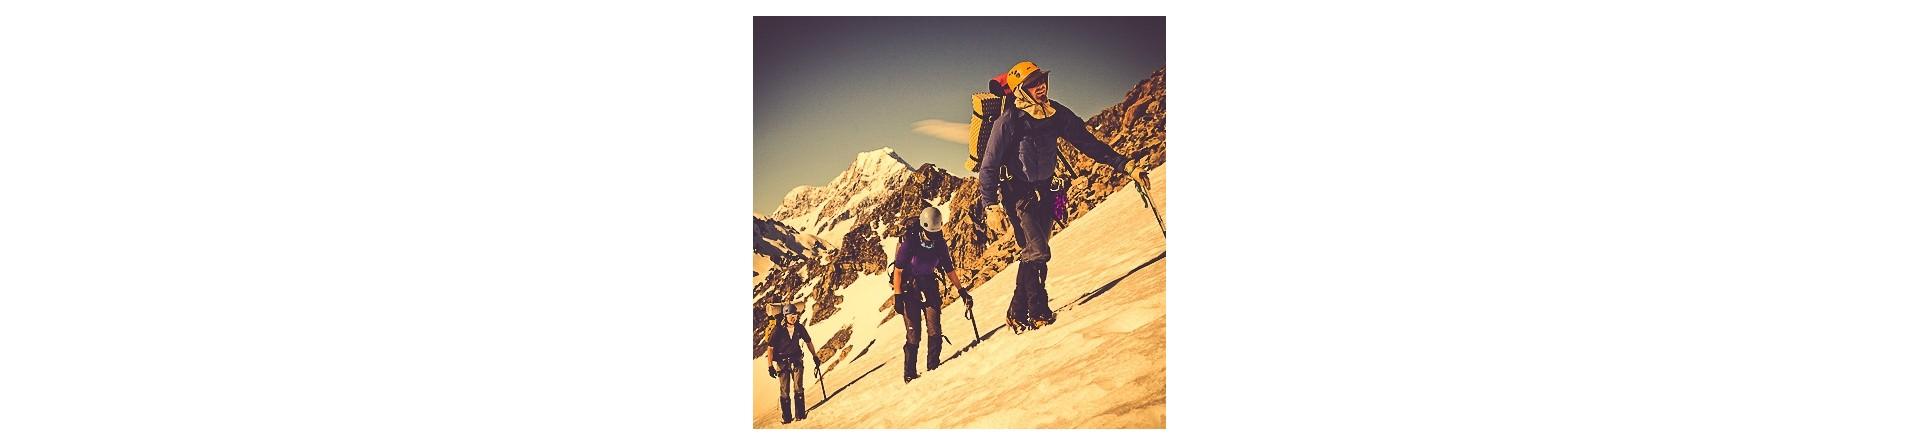 Attrezzatura da montagna per Alpinismo e Trekking | Giuglar Shop